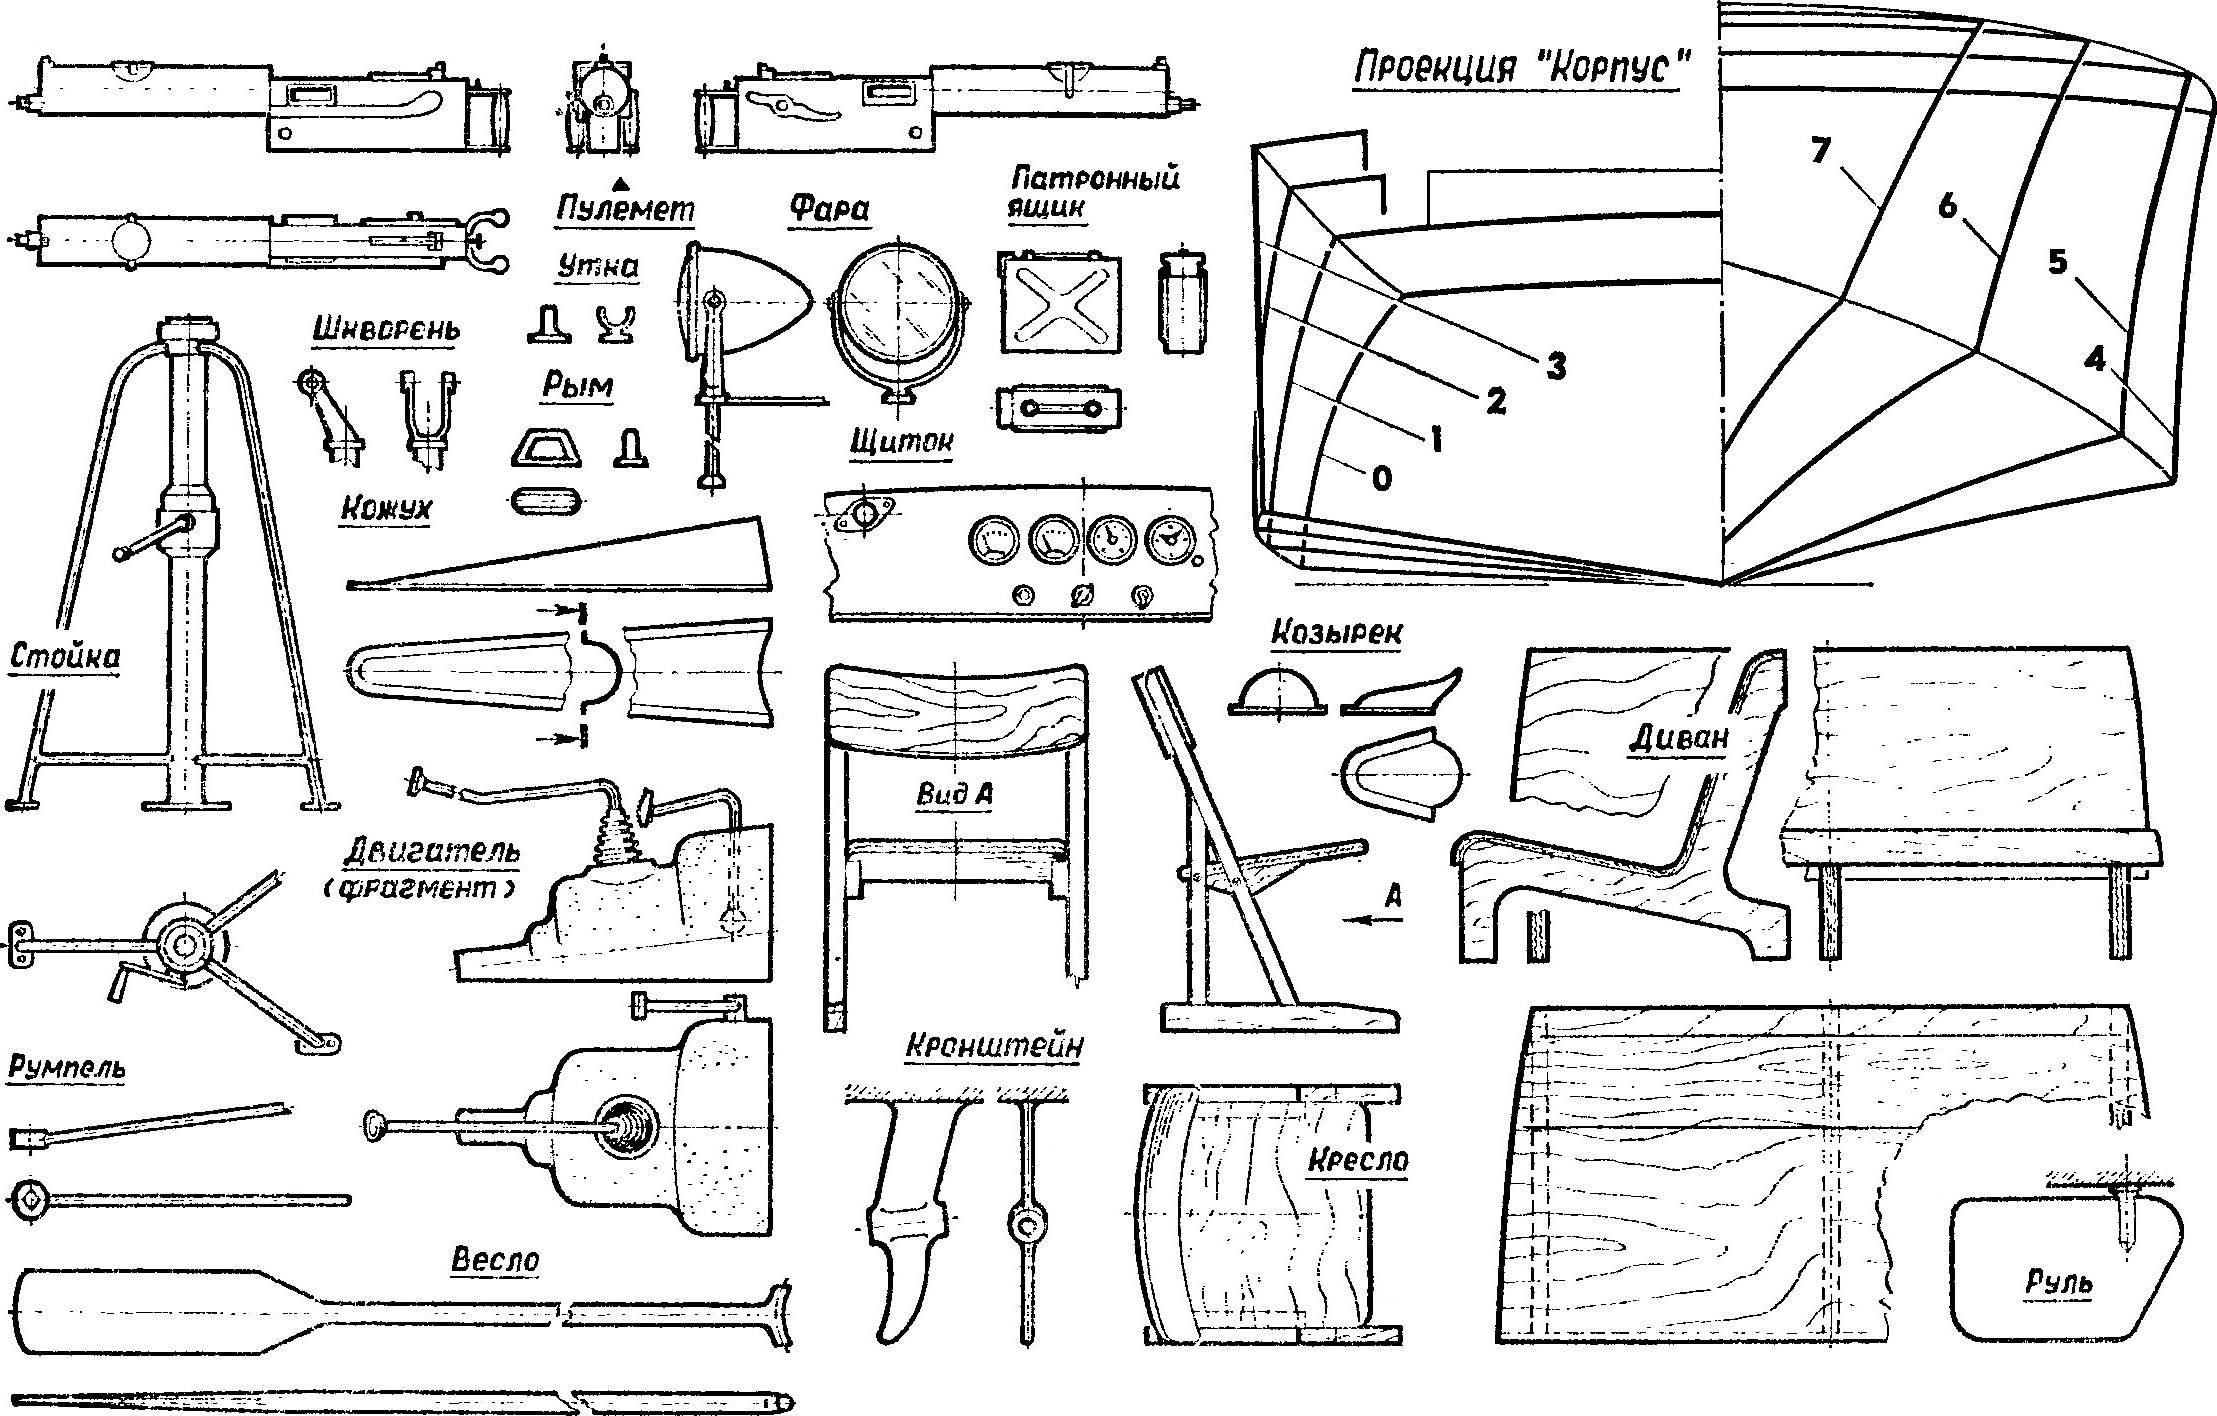 Деталировка катера и проекция «корпус» выполнены в масштабе 2 : 1 относительно общего вида.